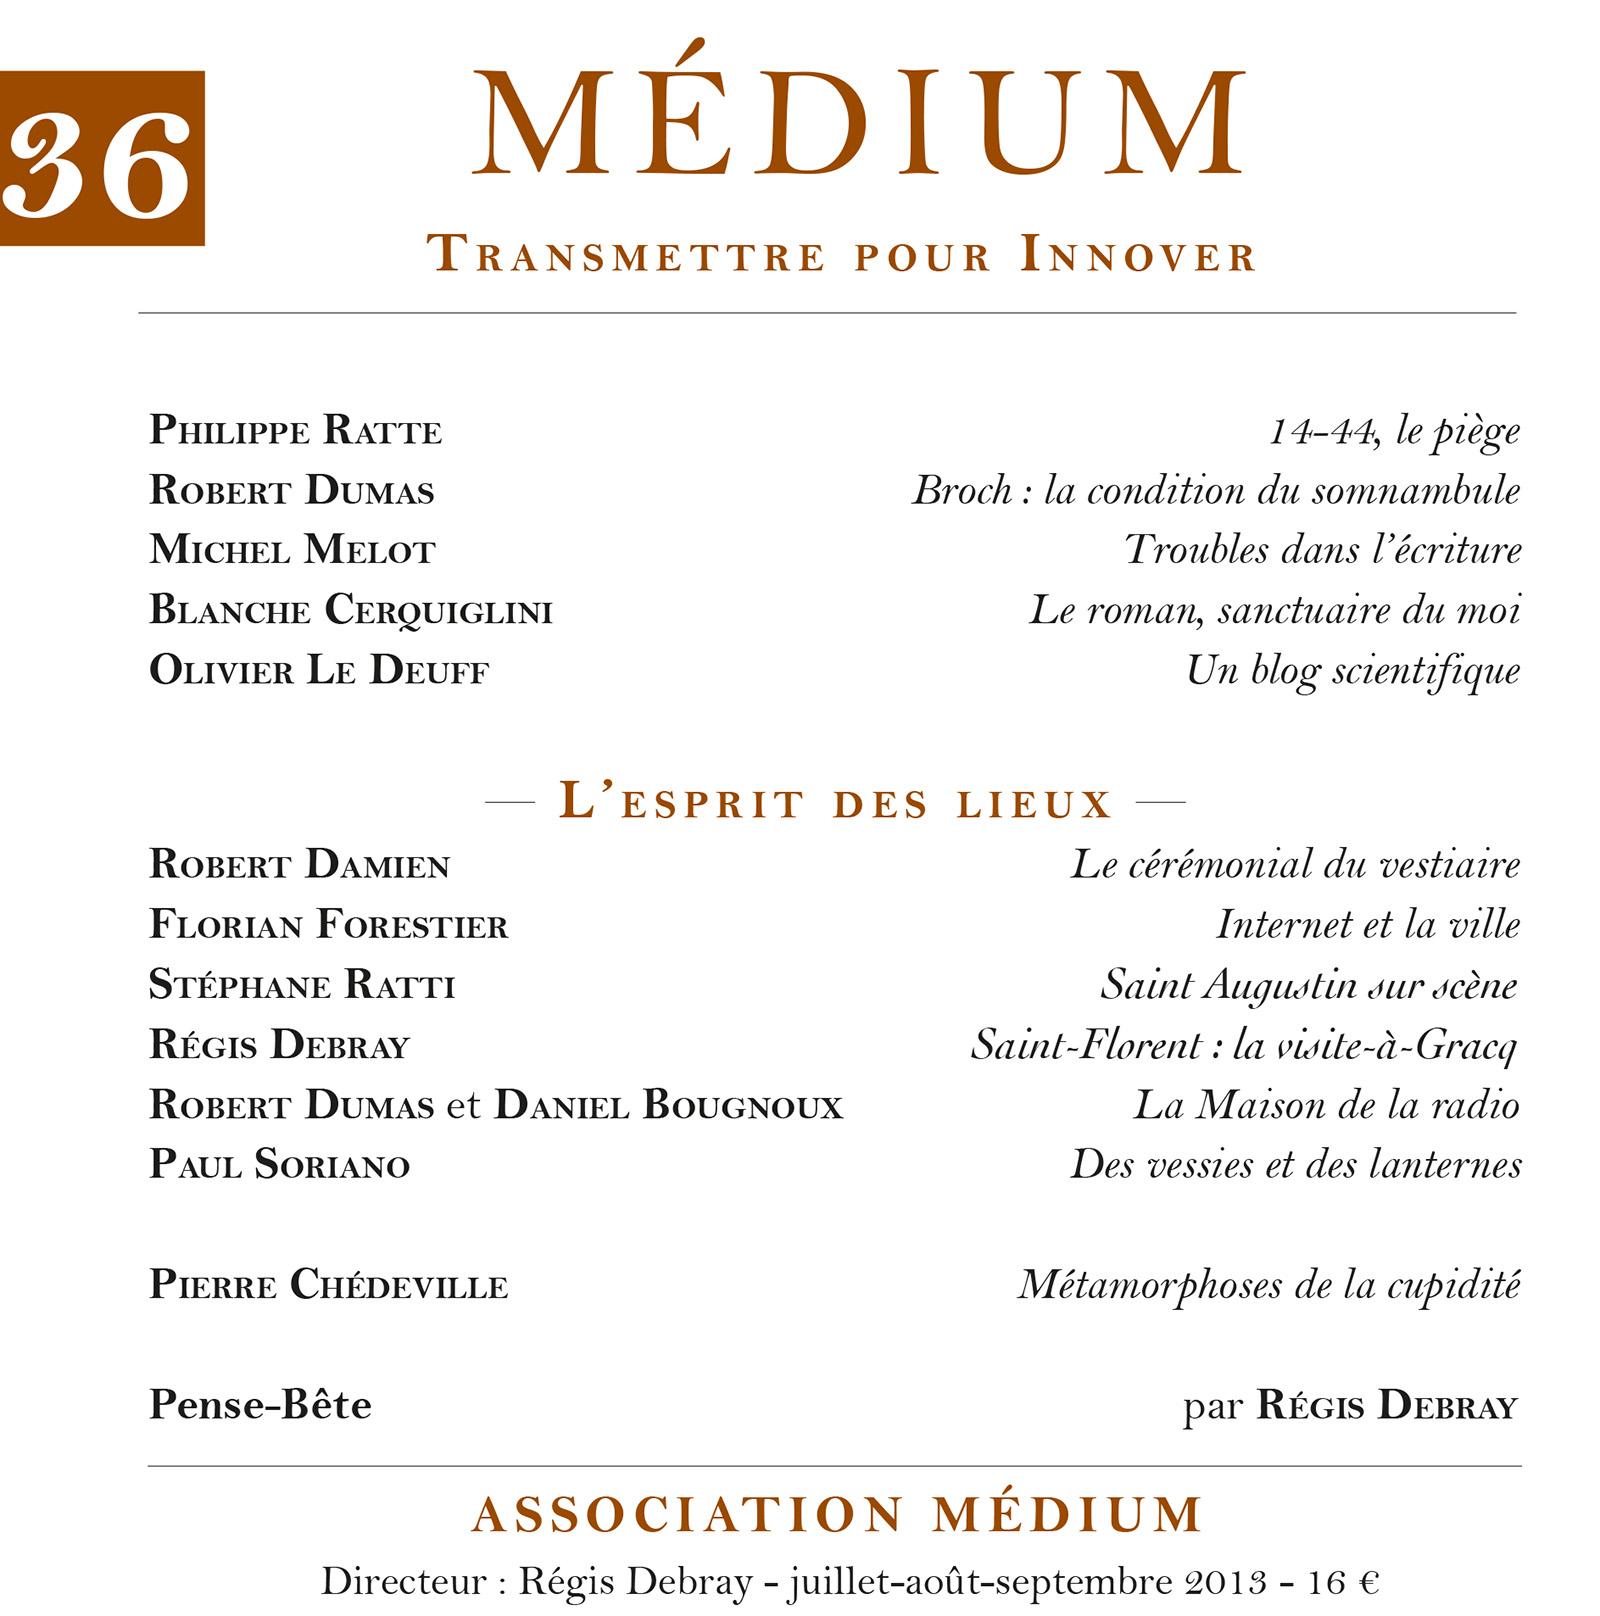 L'esprit des lieux (Médium n°36, juillet-septembre 2013)